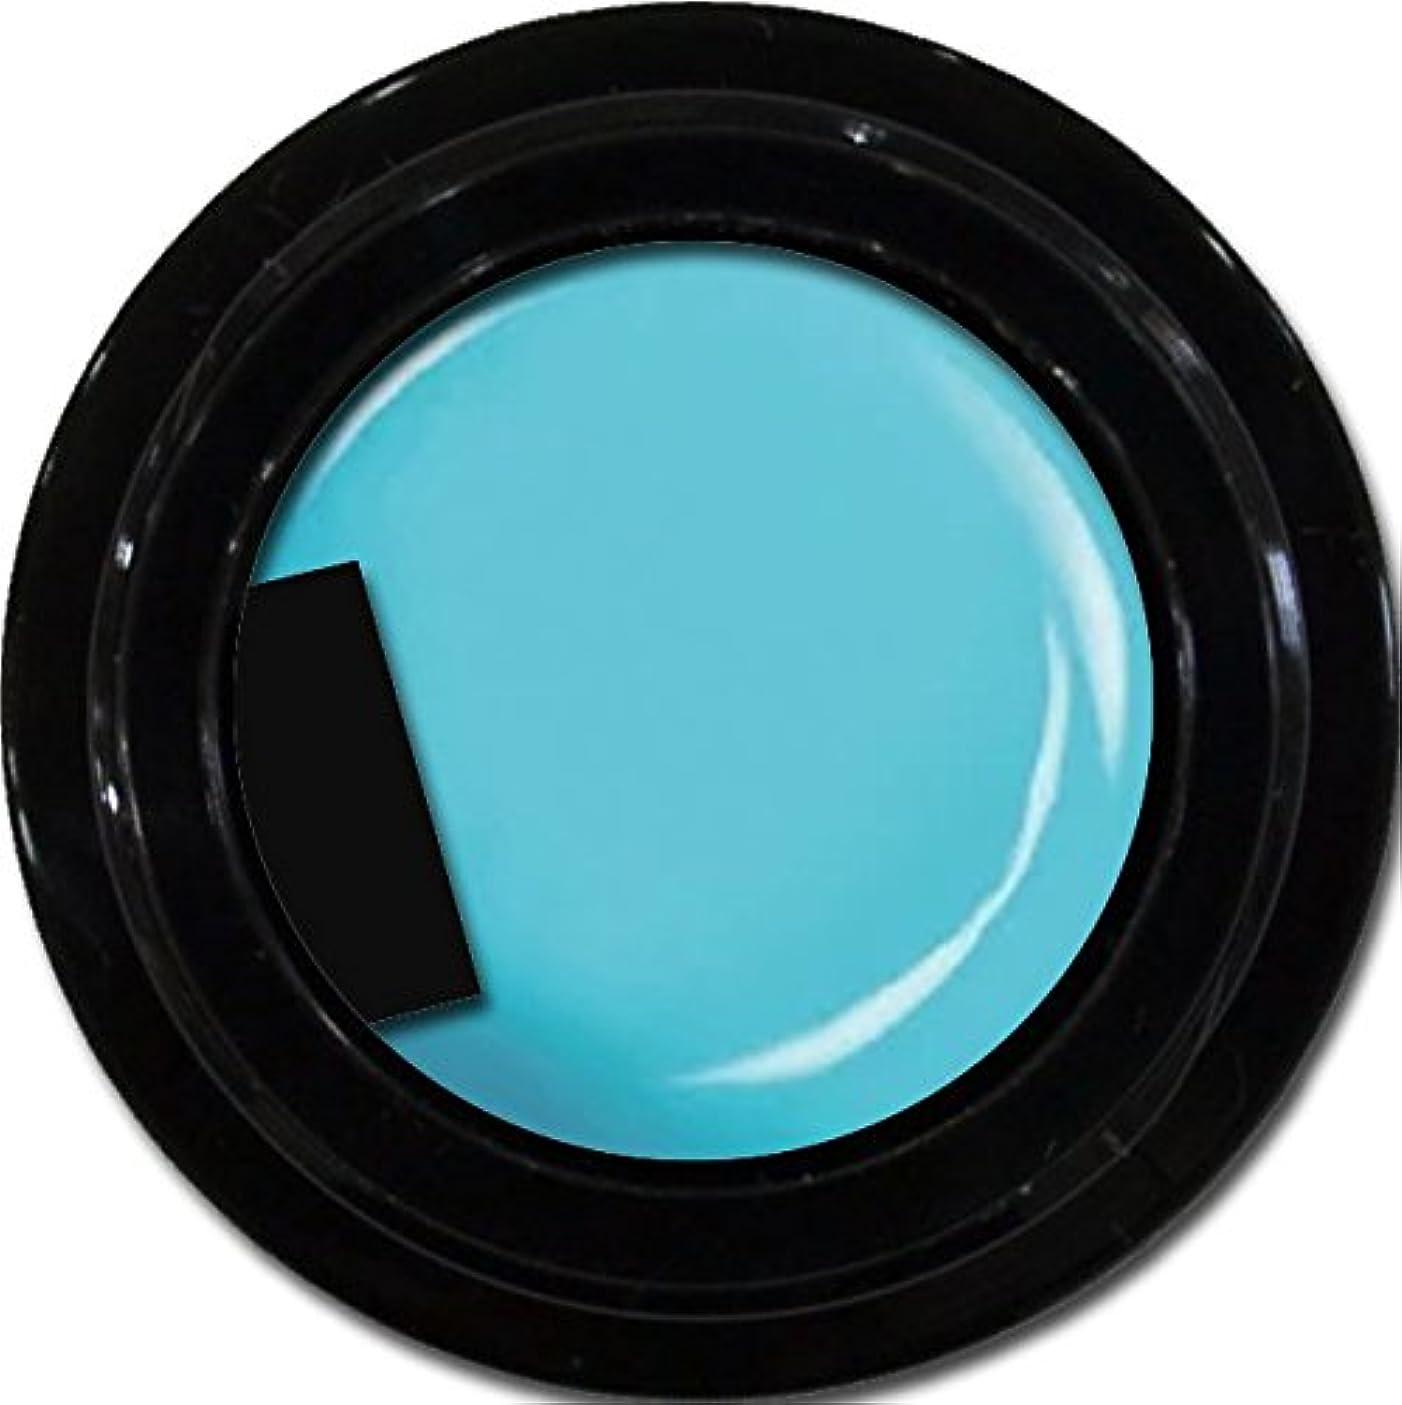 提出する法律によりカウンタカラージェル enchant color gel M706 Turquoise 3g/ マットカラージェル M706 ターコイズ 3グラム